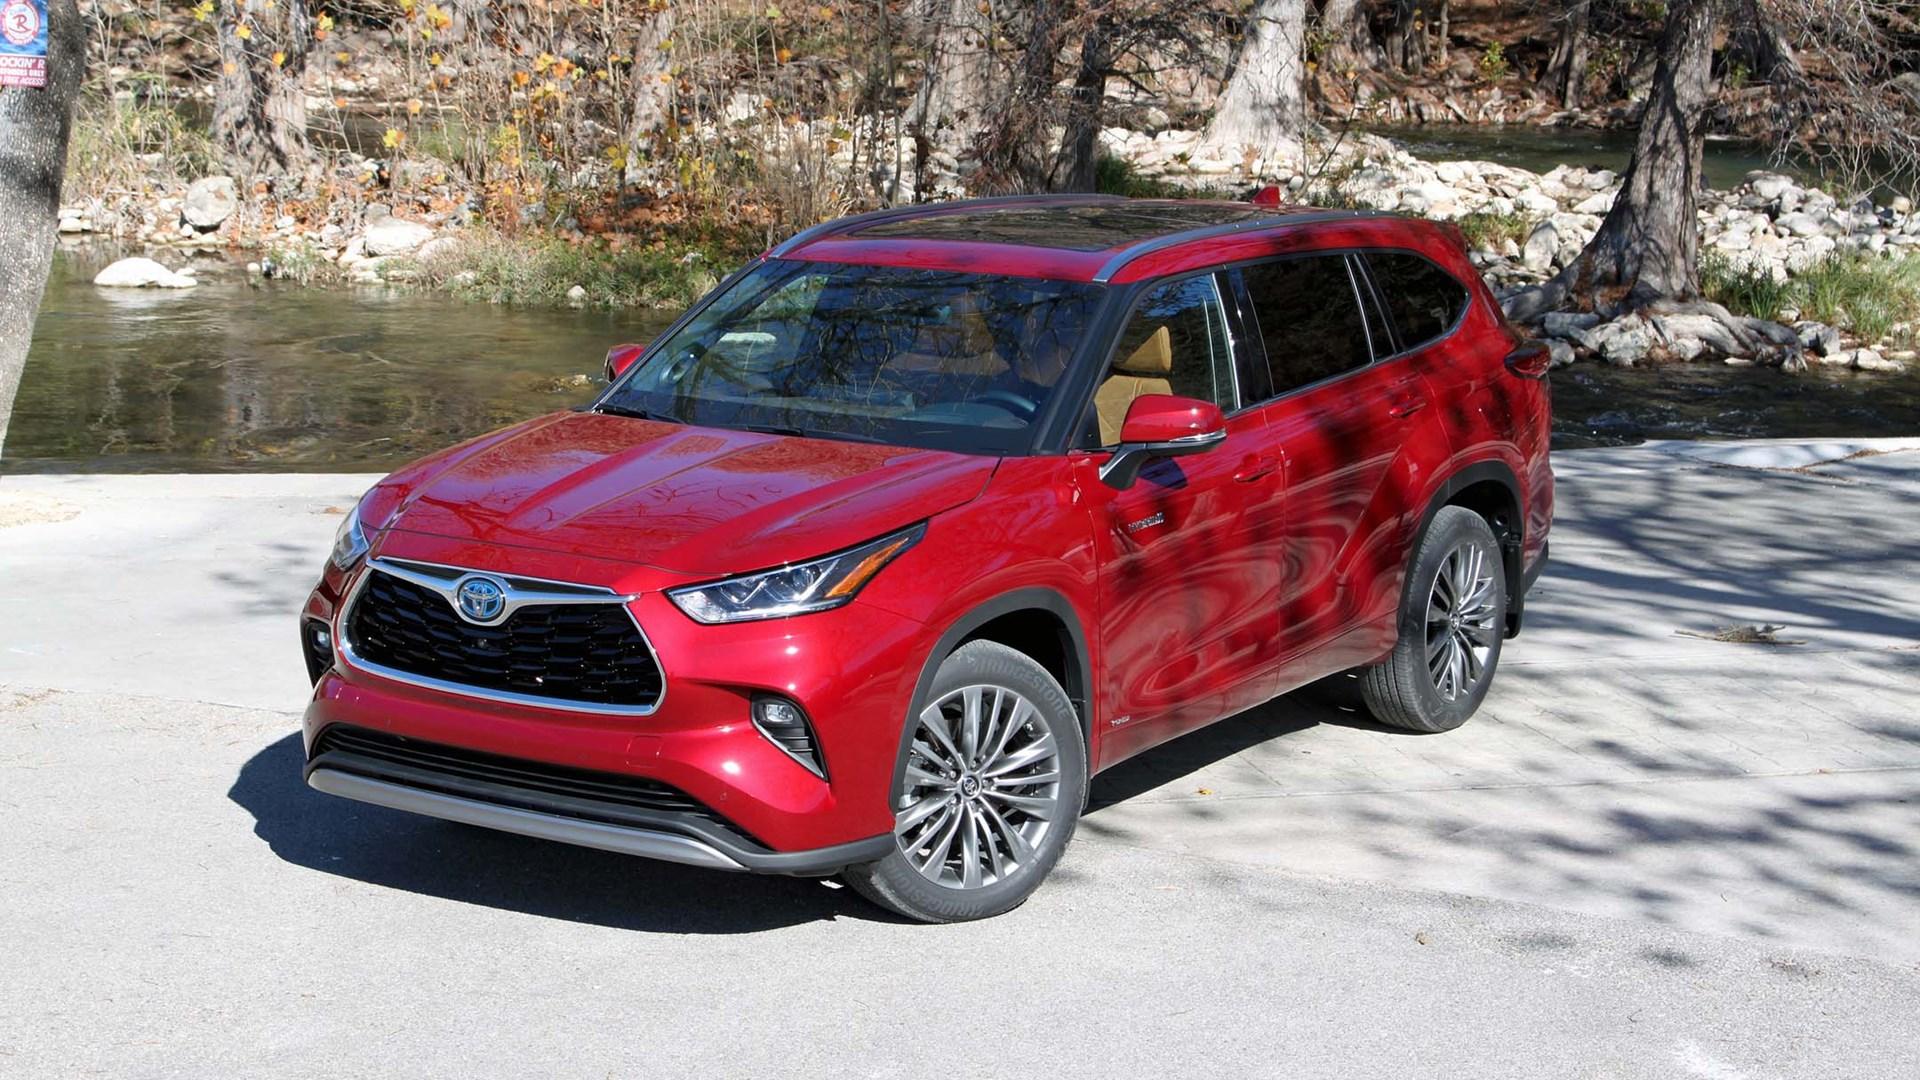 2020 Toyota Highlander Review | Expert Reviews | autotrader.ca